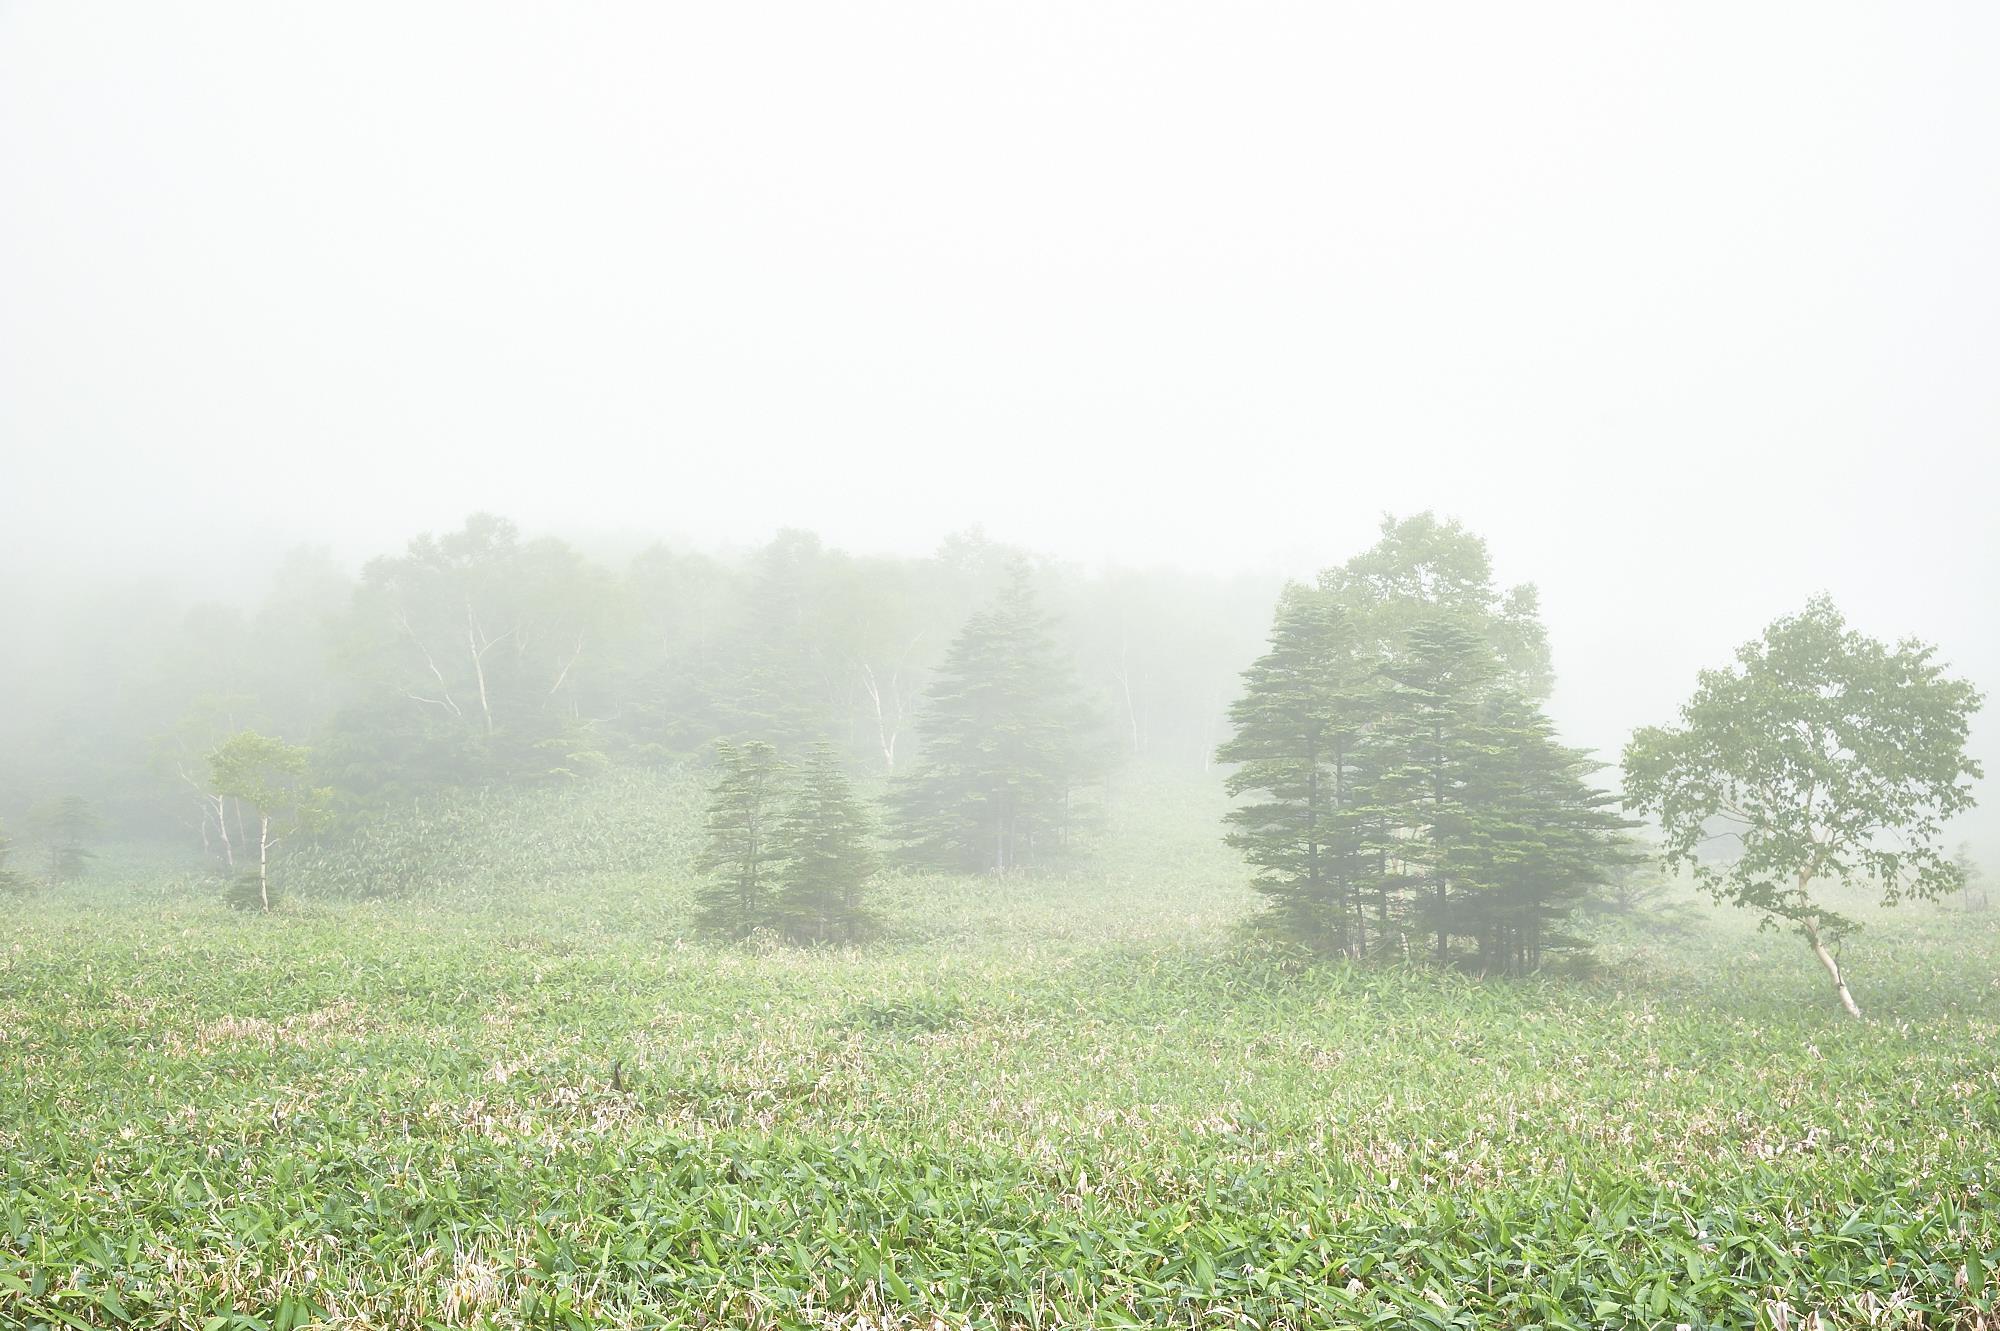 靄の本白根山の富貴原ノ池付近